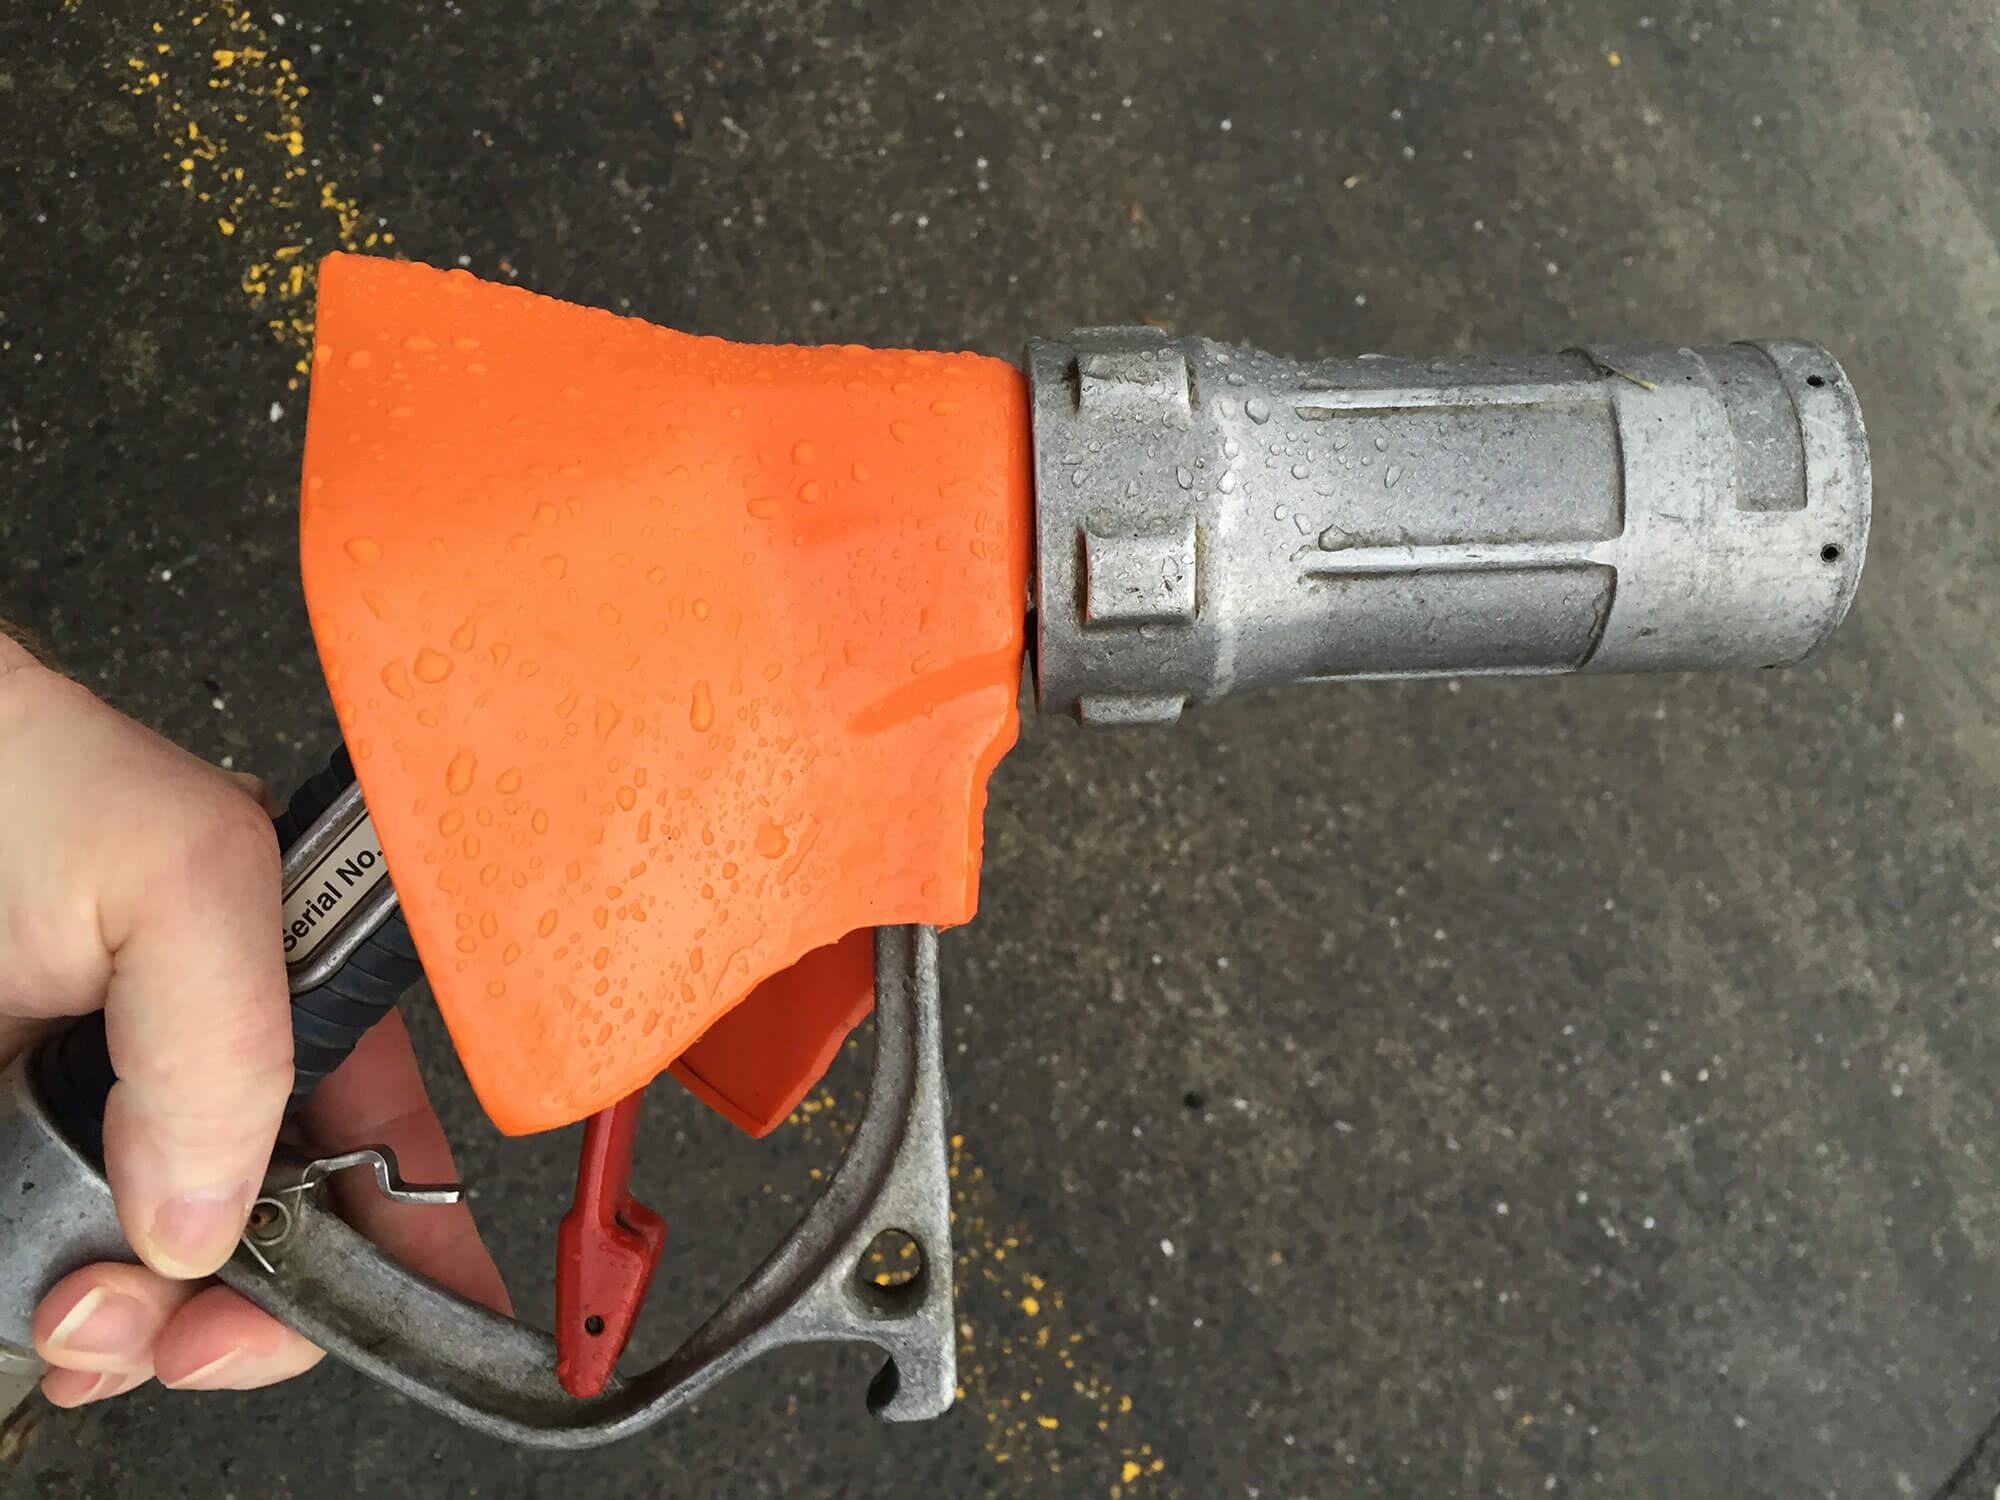 Car filling in petrol